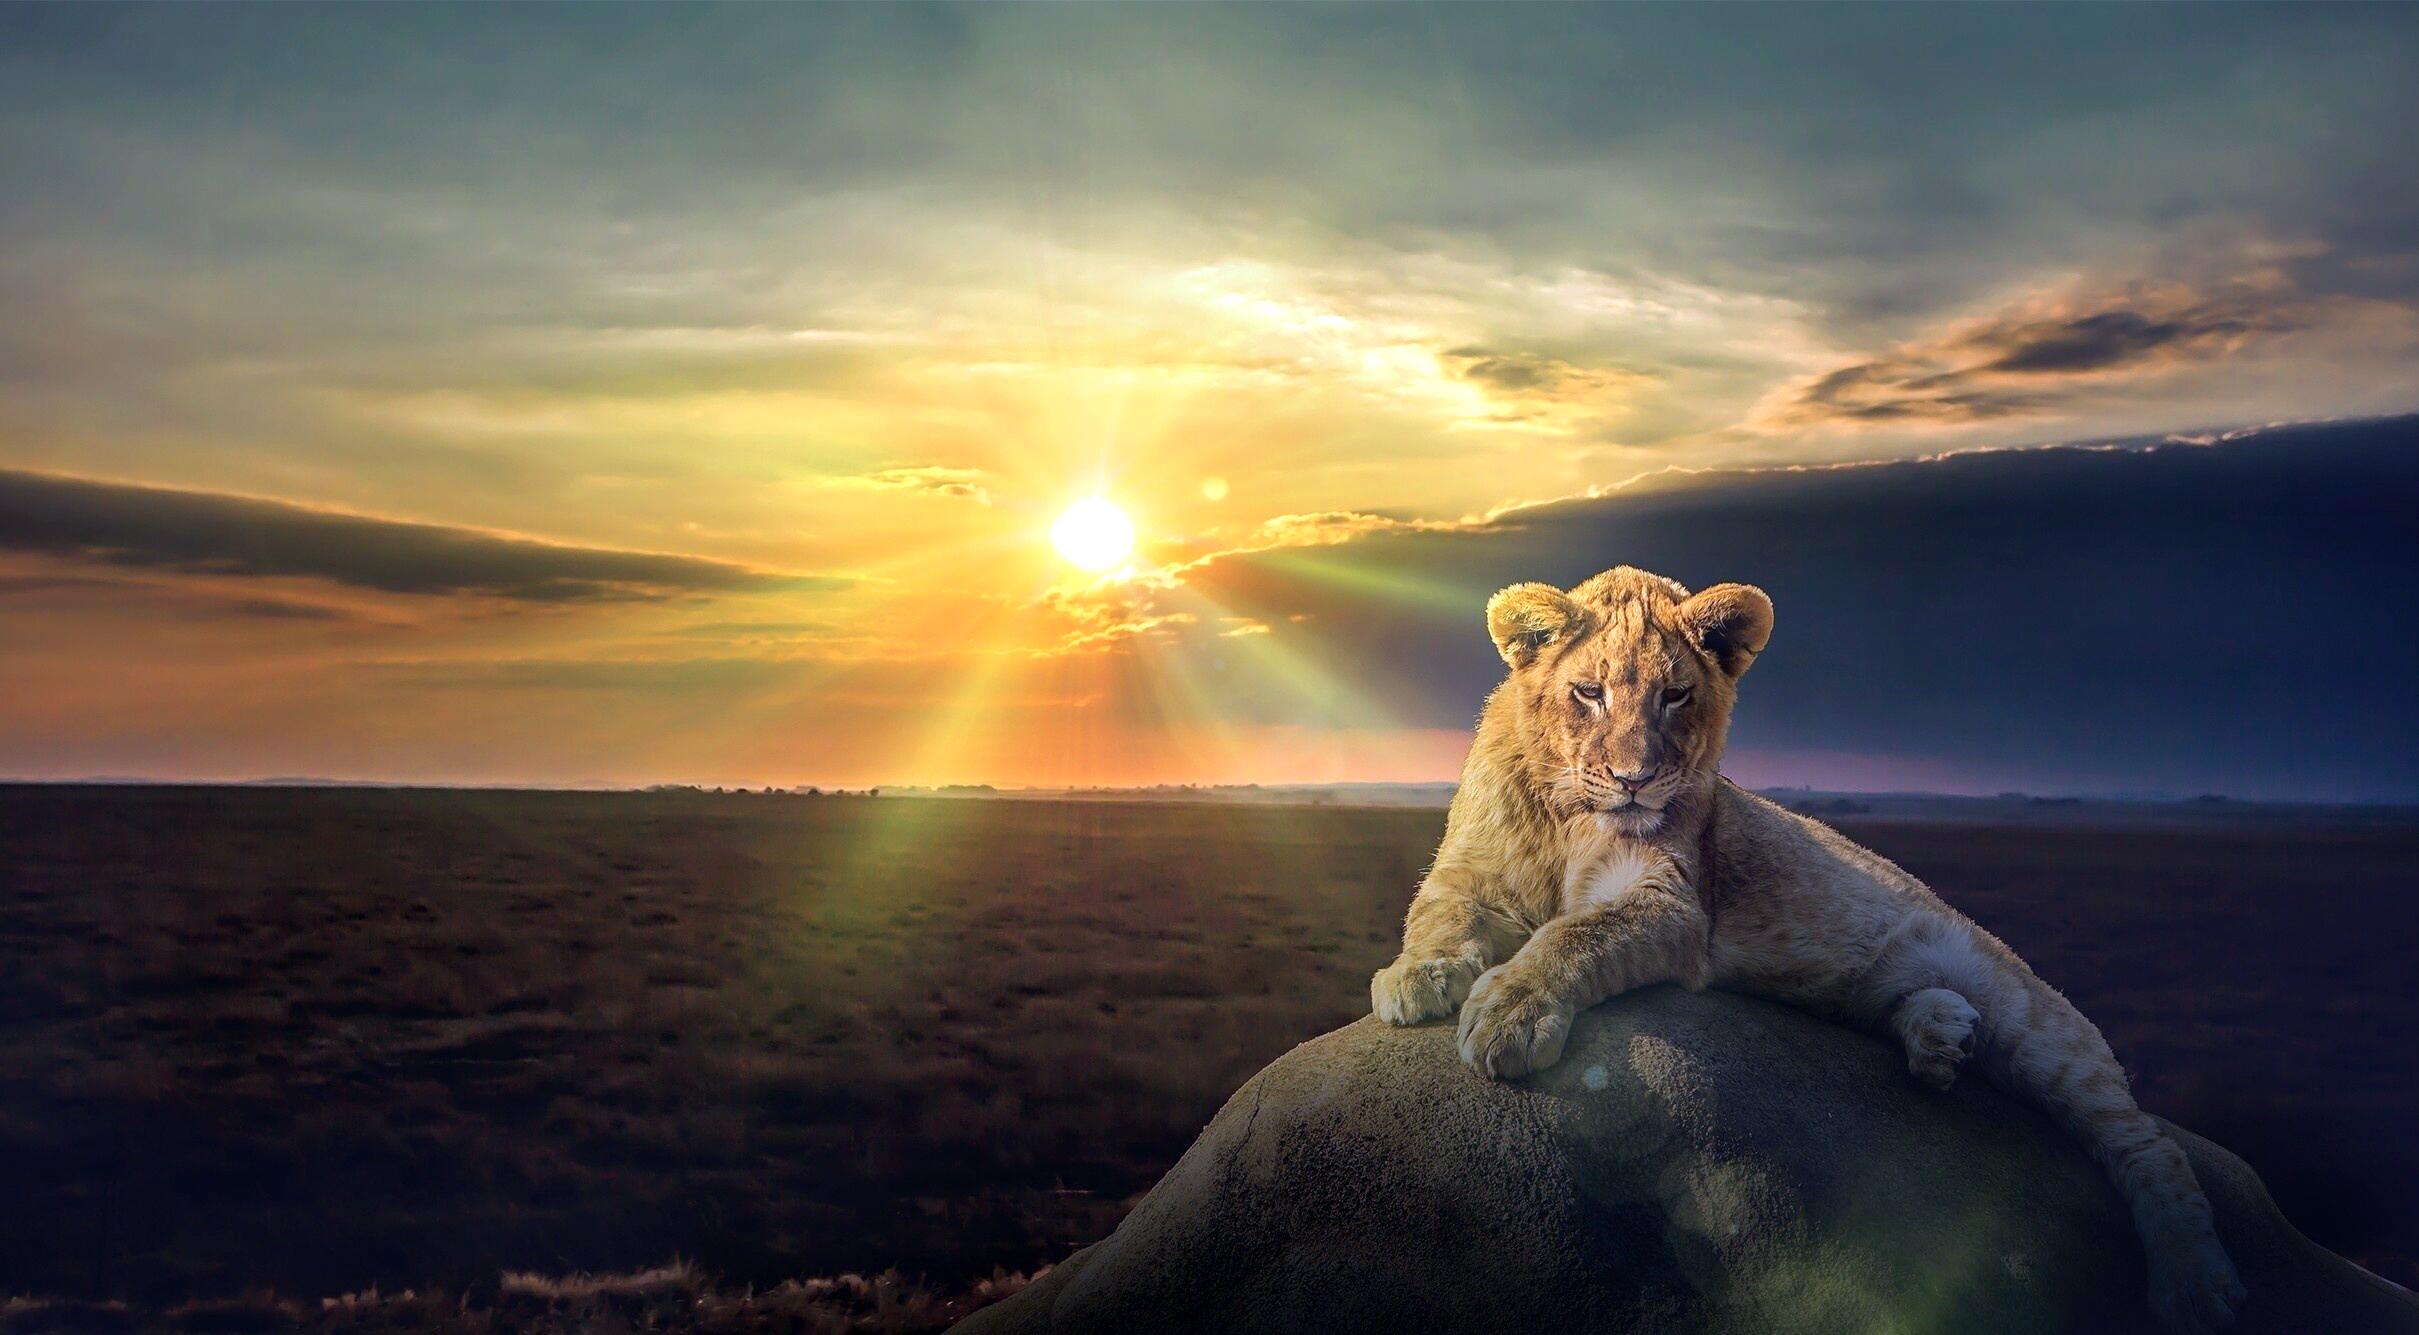 лев и солнышко картинки сегодня стиль